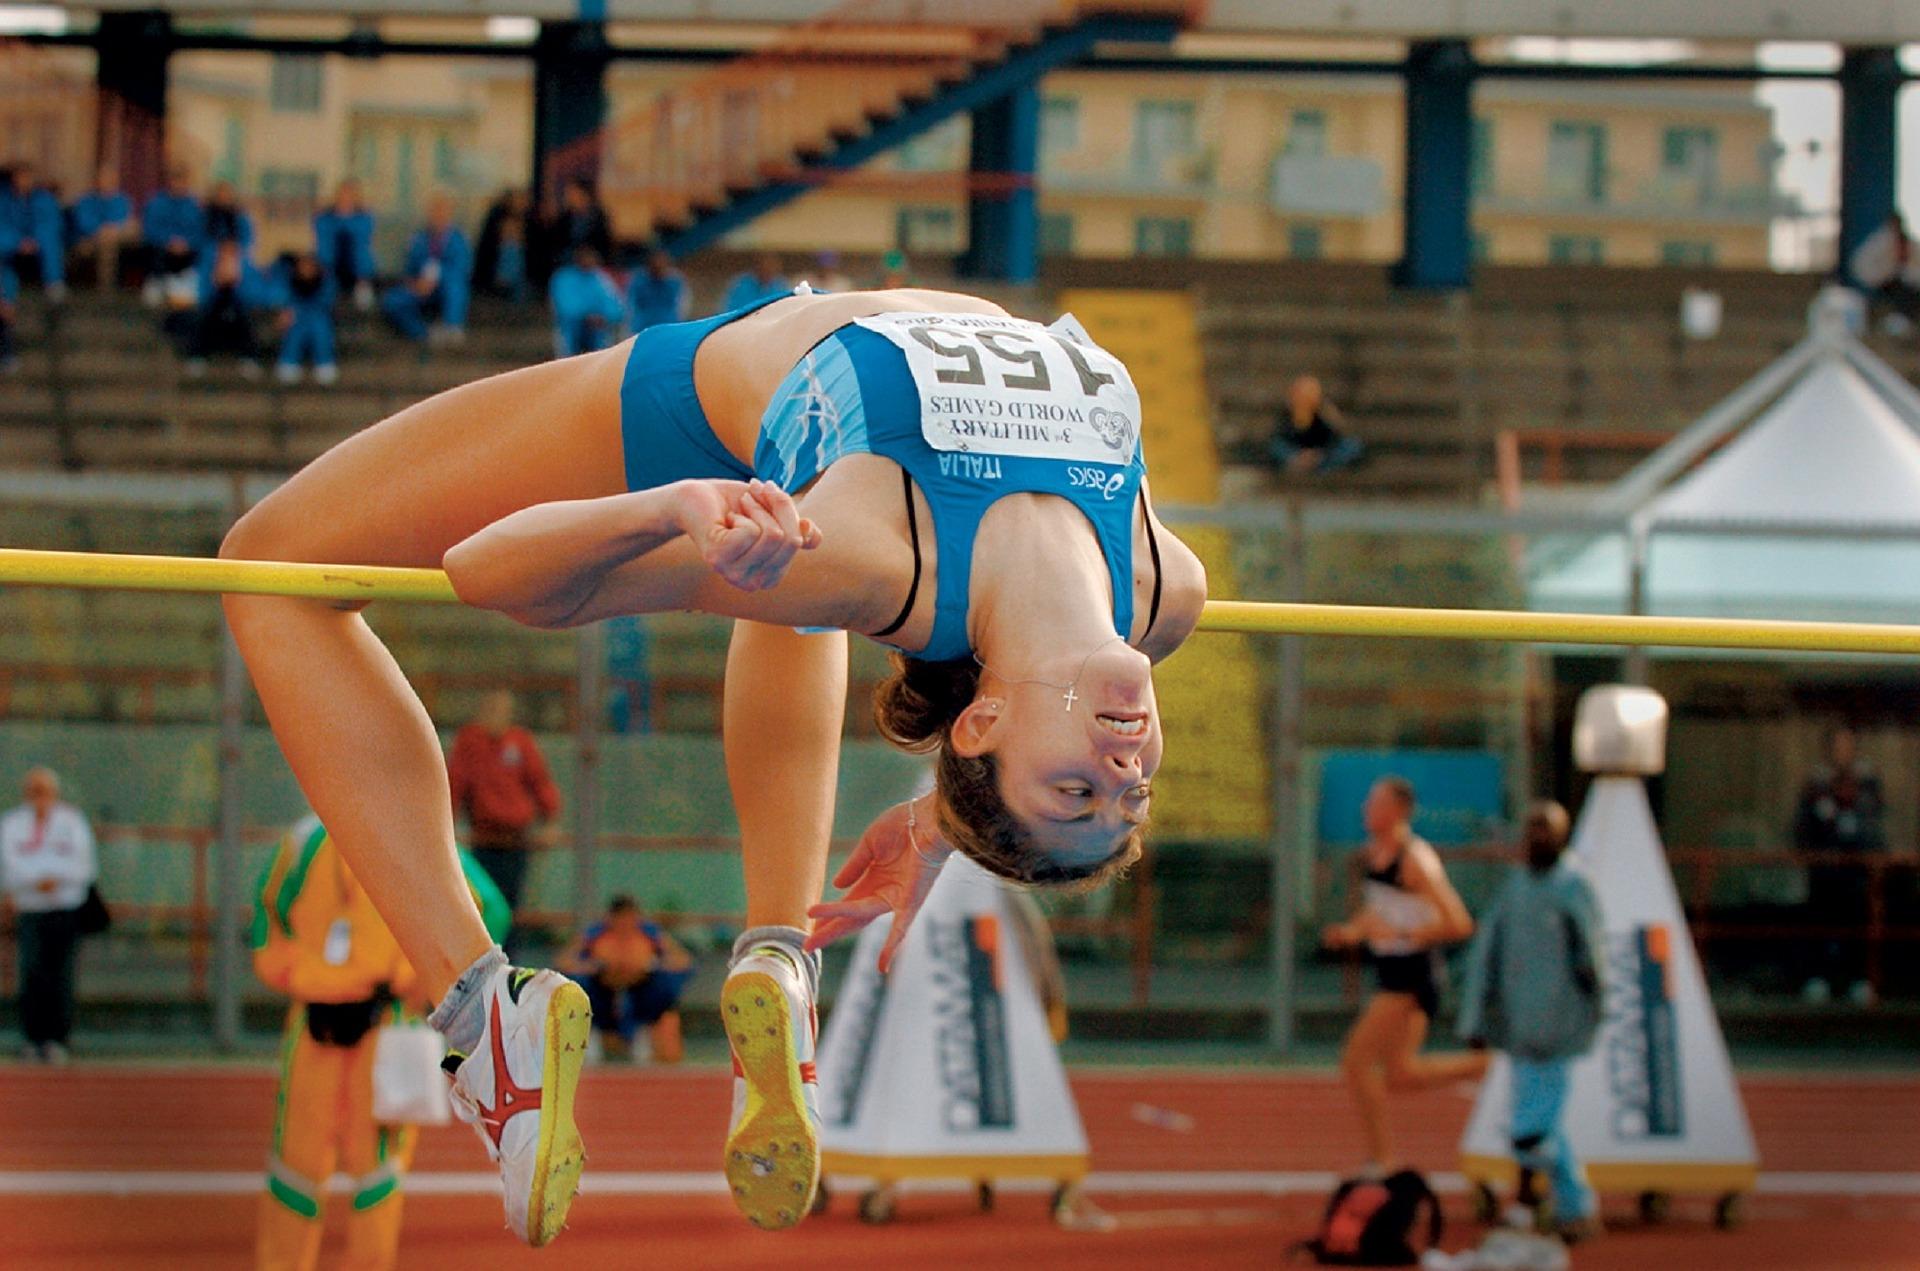 high-jump-563862_1920